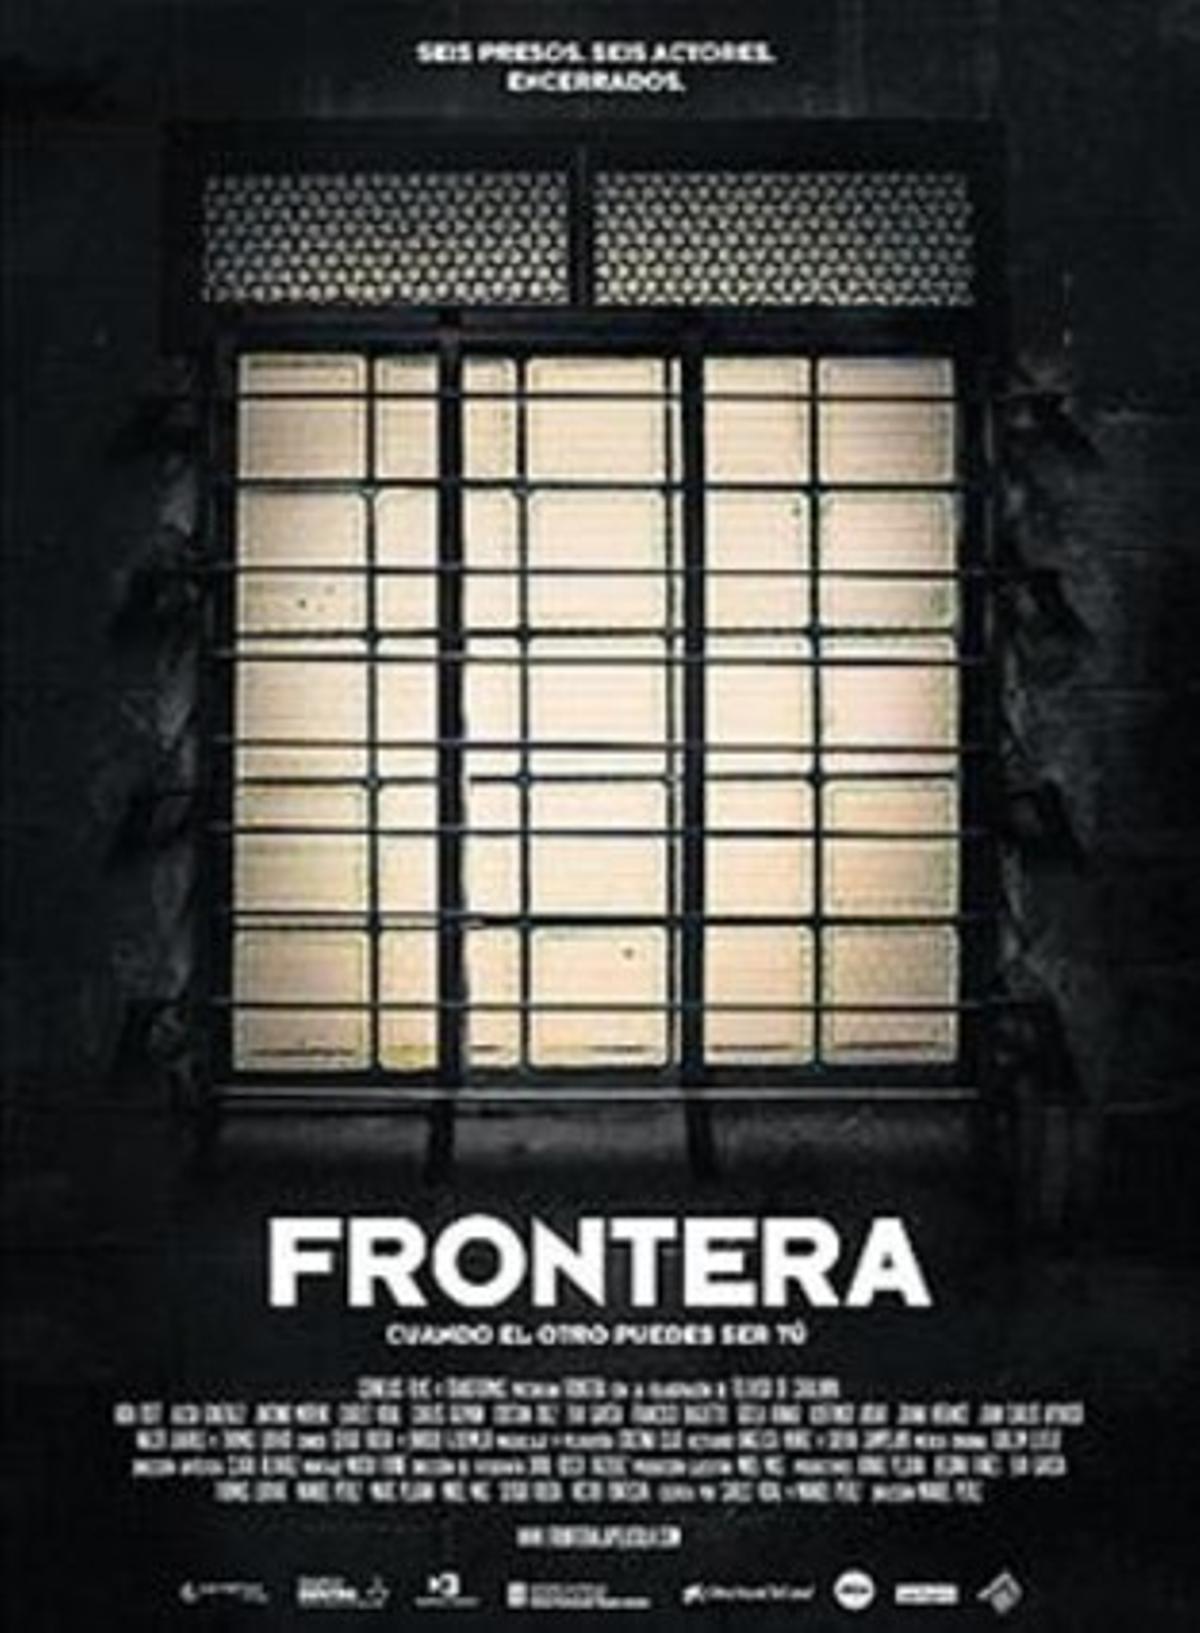 Frontera Teatro, cárcel y contagio